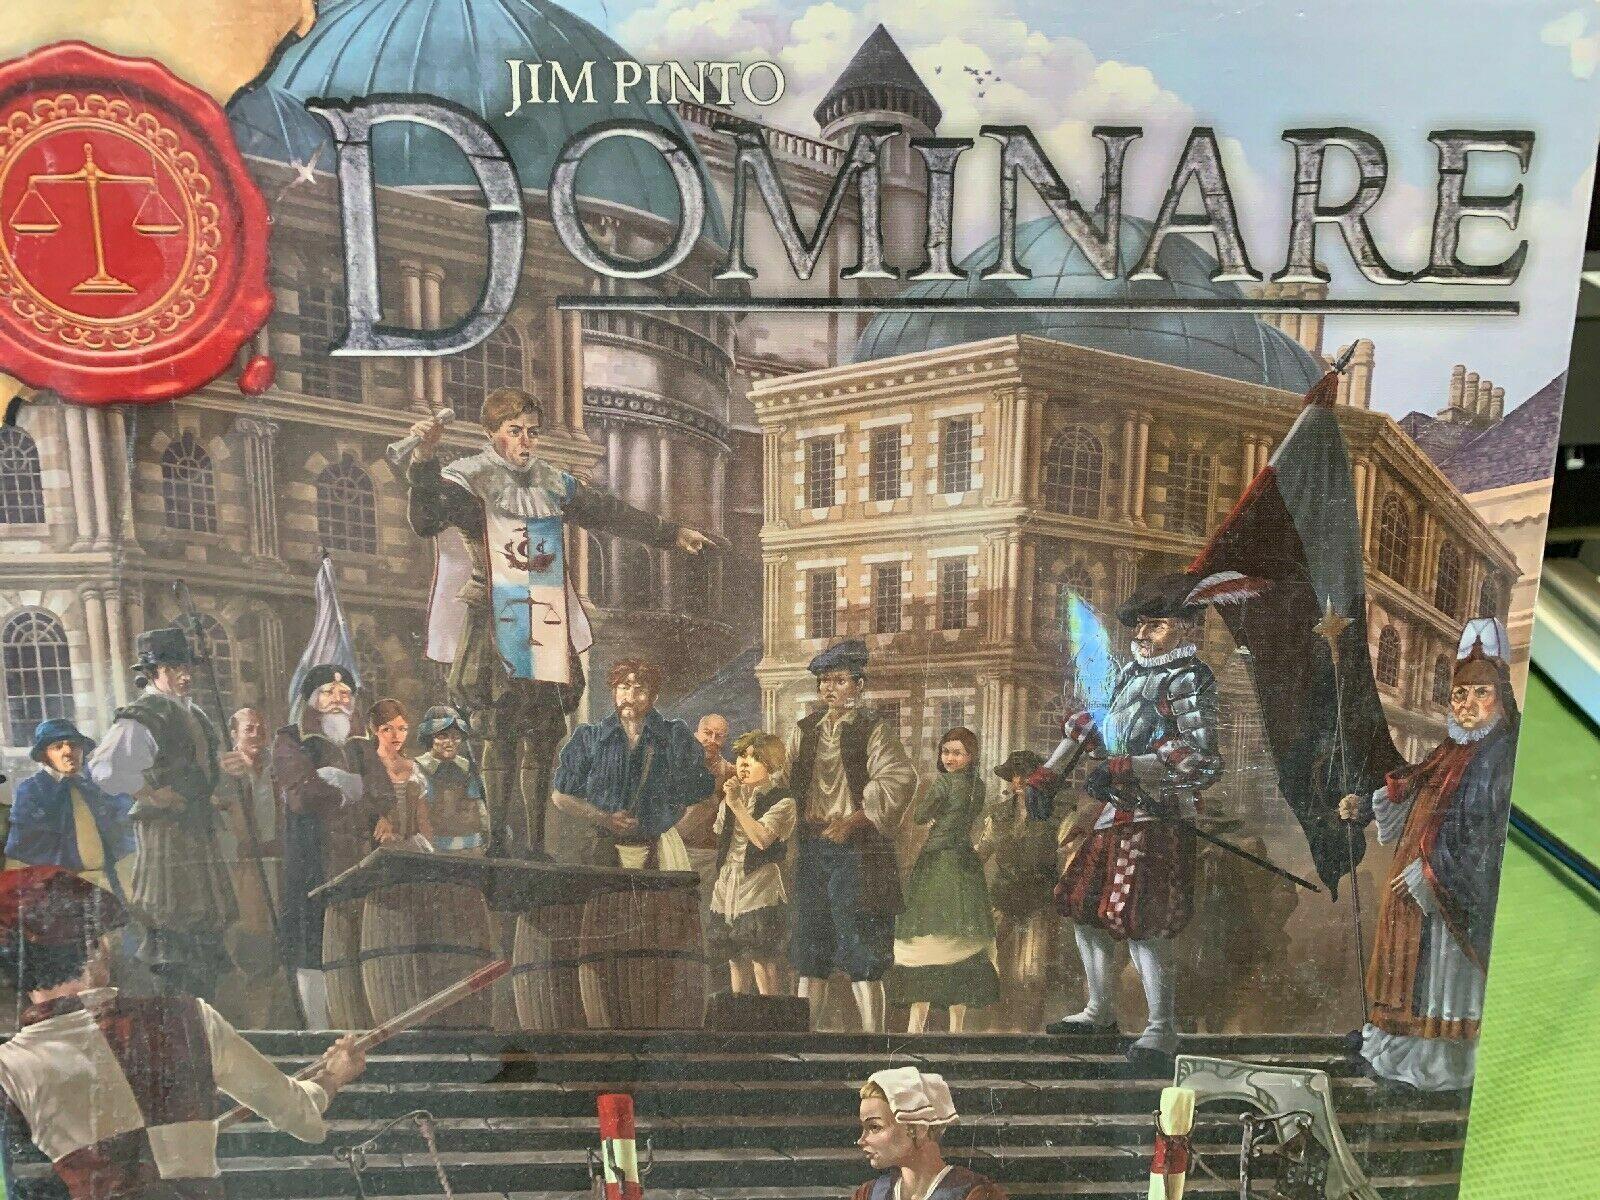 Dominare Board Game Game Game - NEW SEALED  Entrega directa y rápida de fábrica